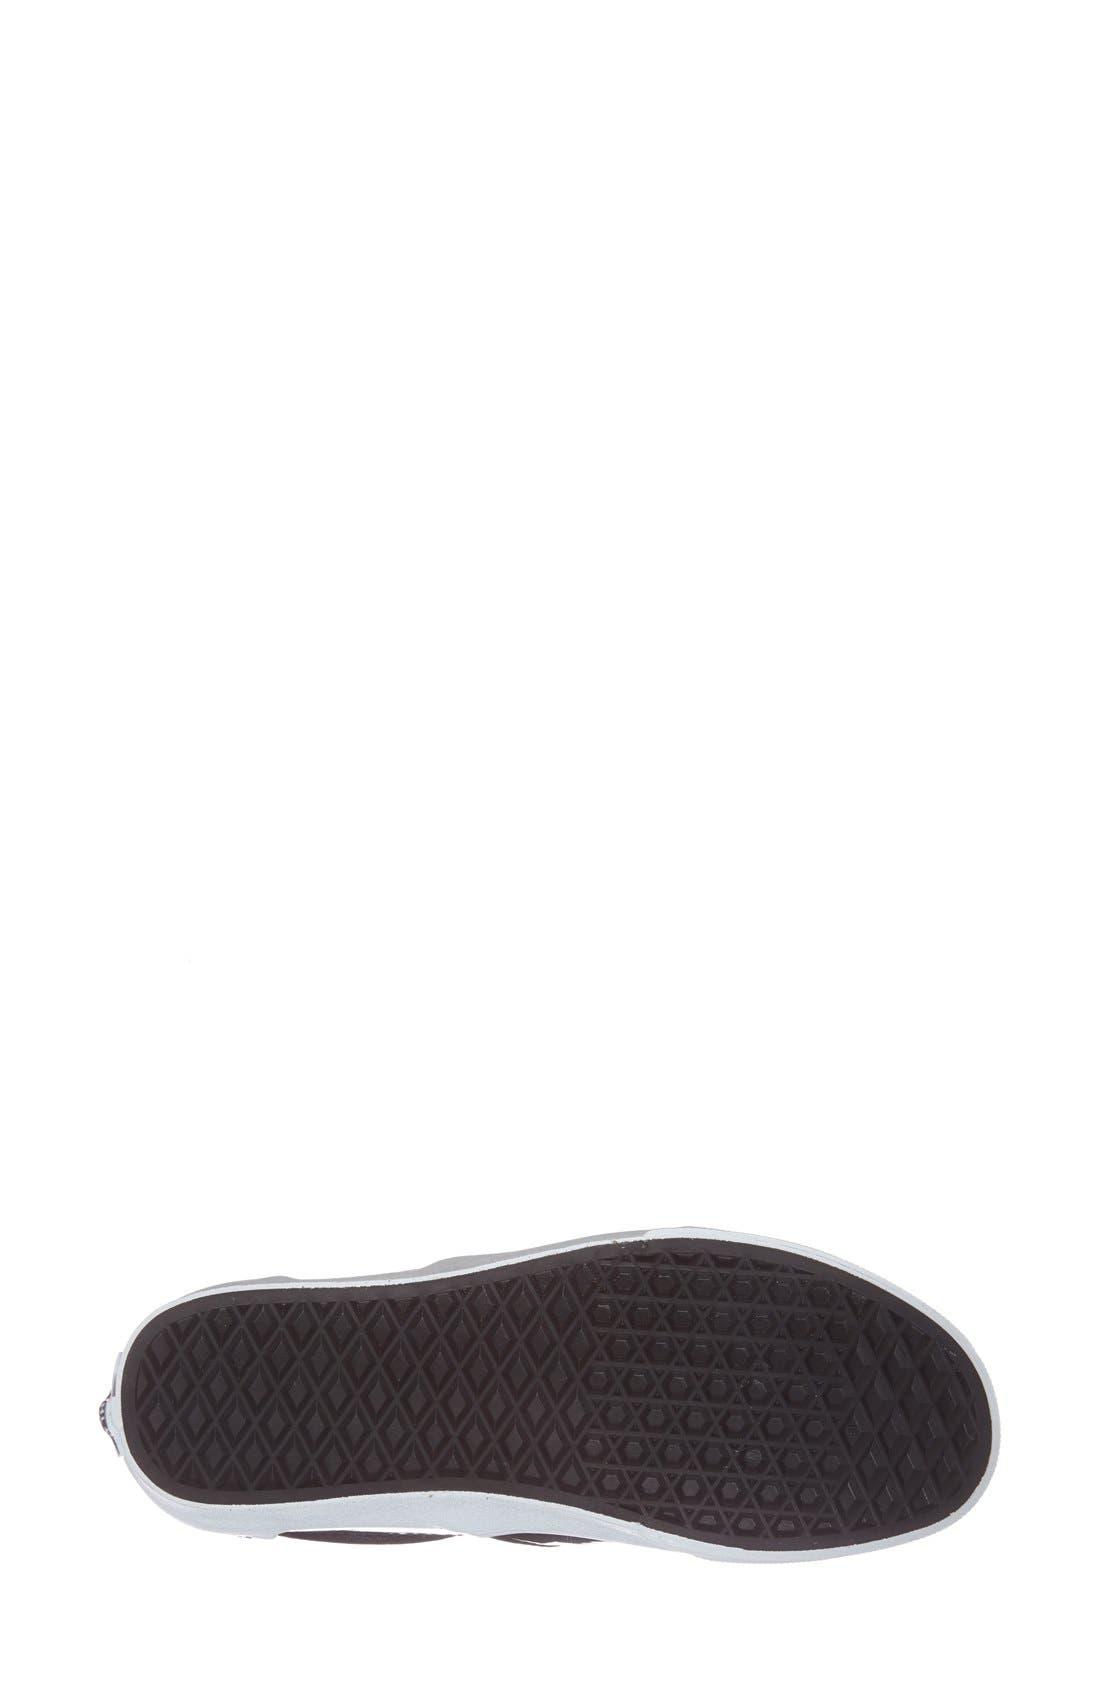 Alternate Image 4  - Vans Patent Leather Slip-On Sneaker (Women)